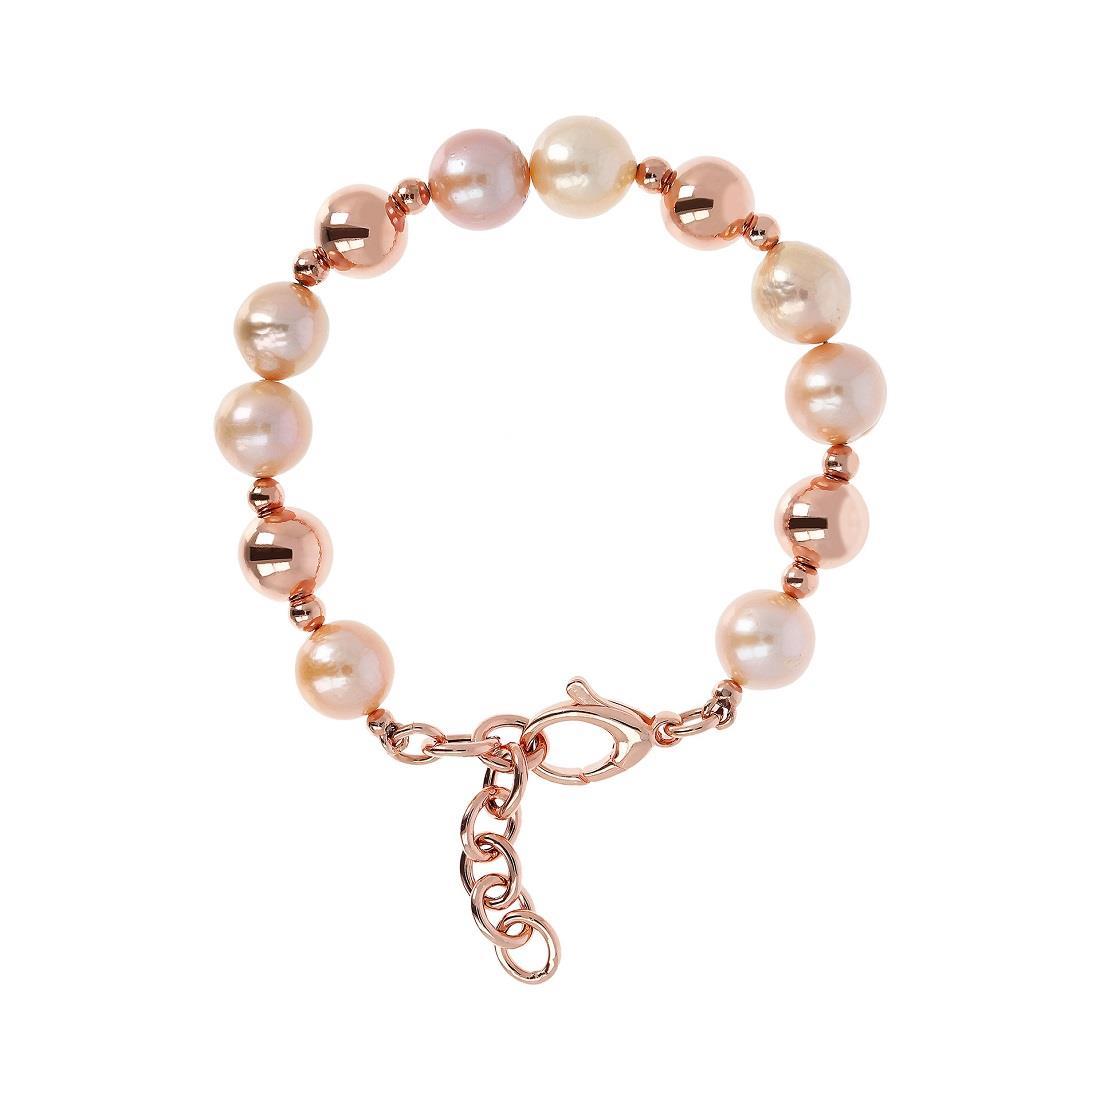 Bracciale con perle  - BRONZALLURE